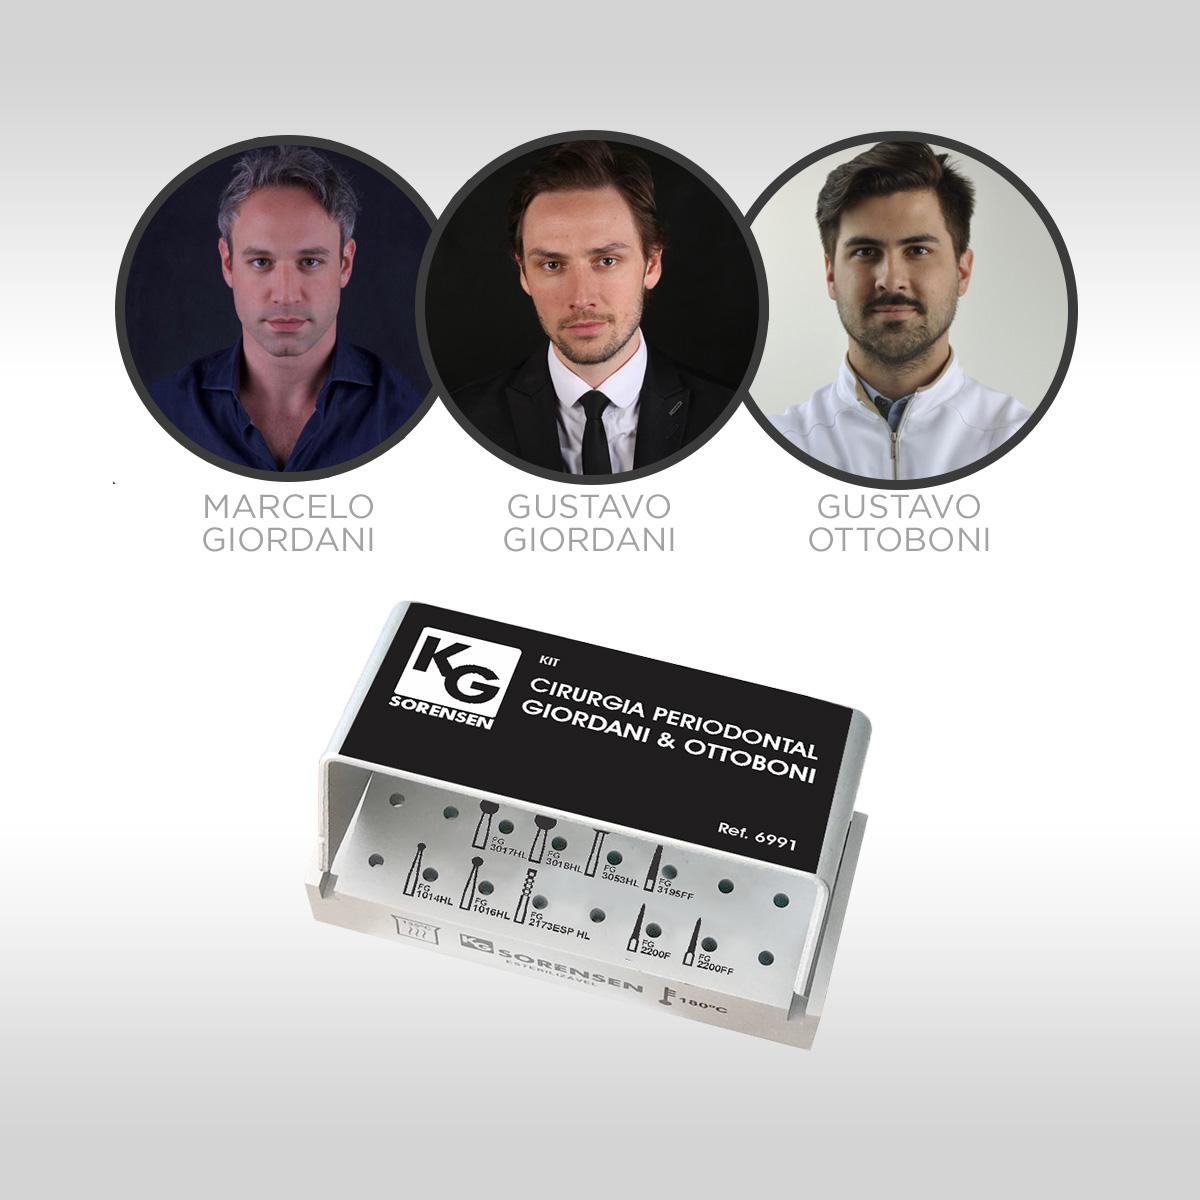 Kit Cirurgia Plástica Periodontal Giordani & Ottoboni - Ref.6991 - KG SORENSEN